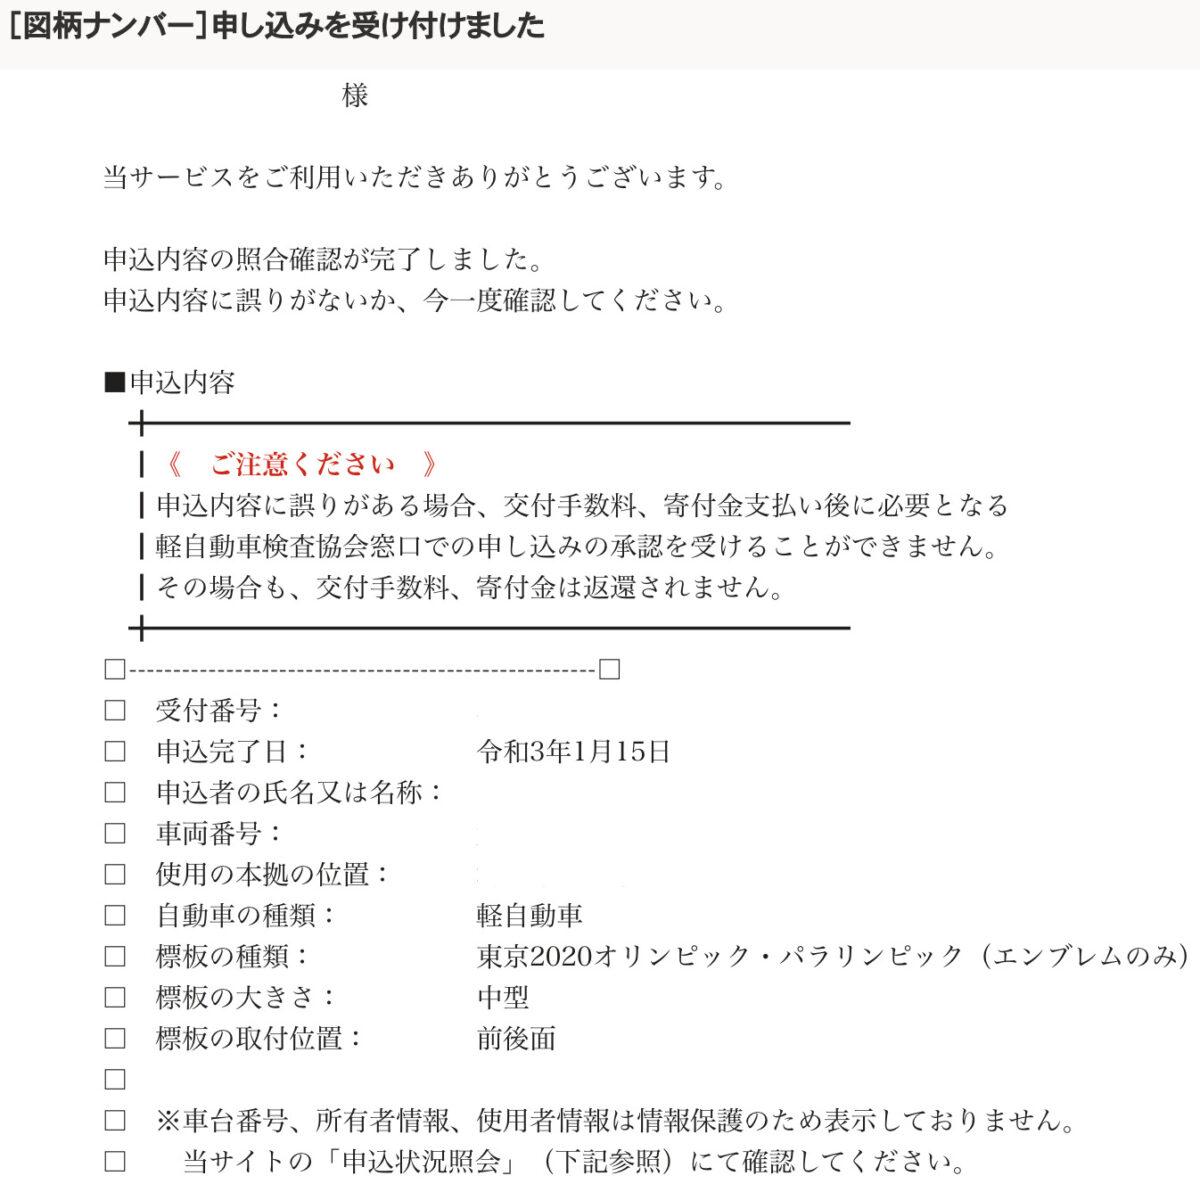 軽自動車 白色ナンバー 変更 申し込み照合完了メール